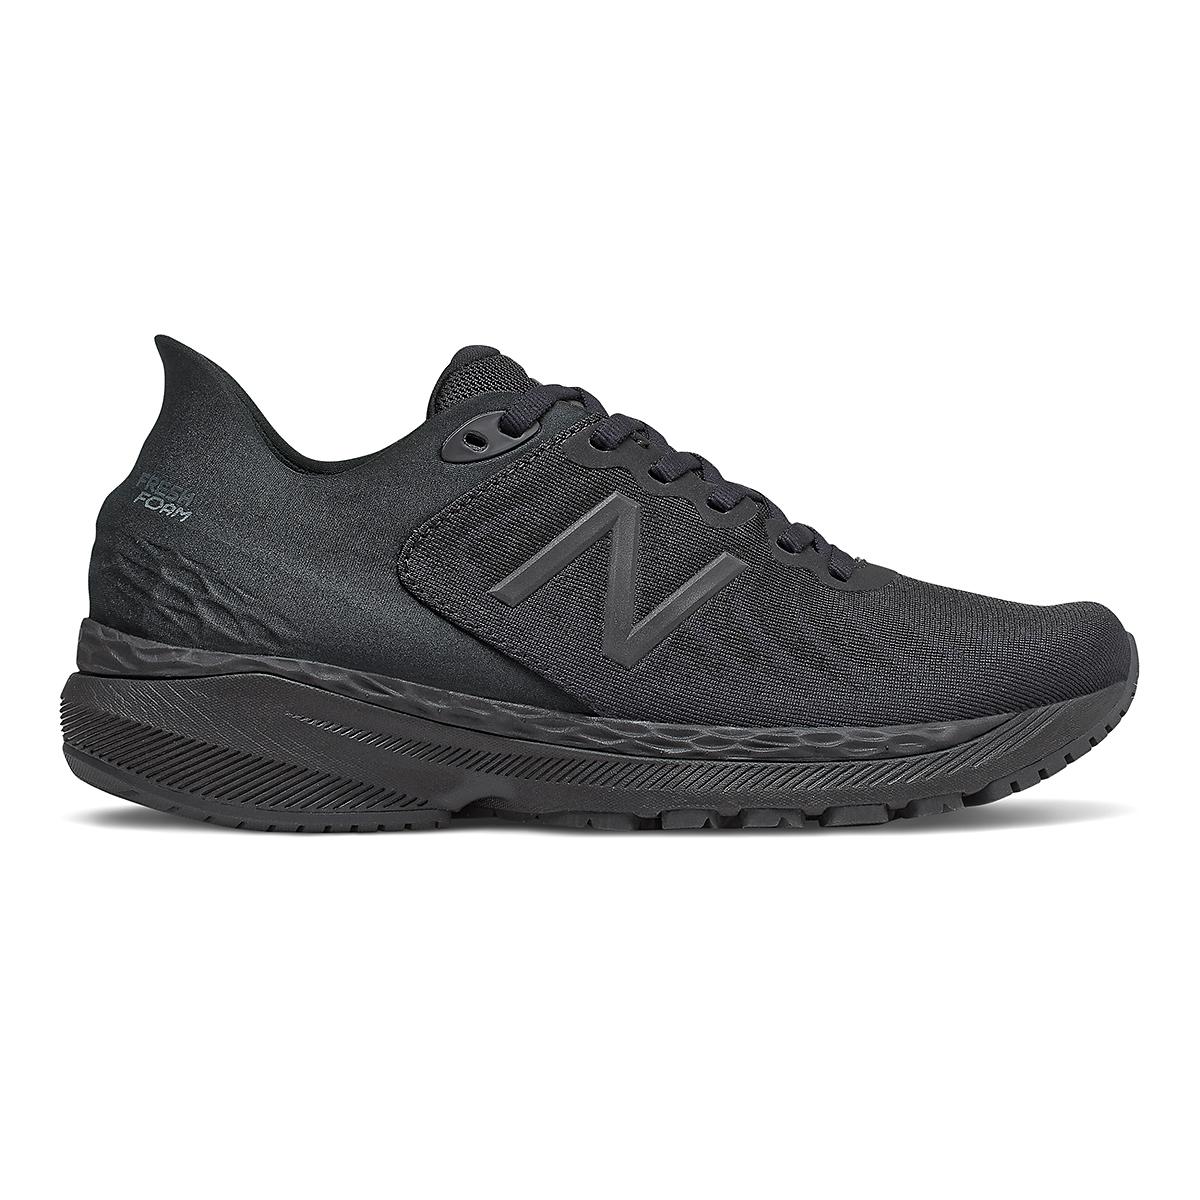 Women's New Balance 860V11 Running Shoe - Color: Black - Size: 6.5 - Width: Regular, Black, large, image 1